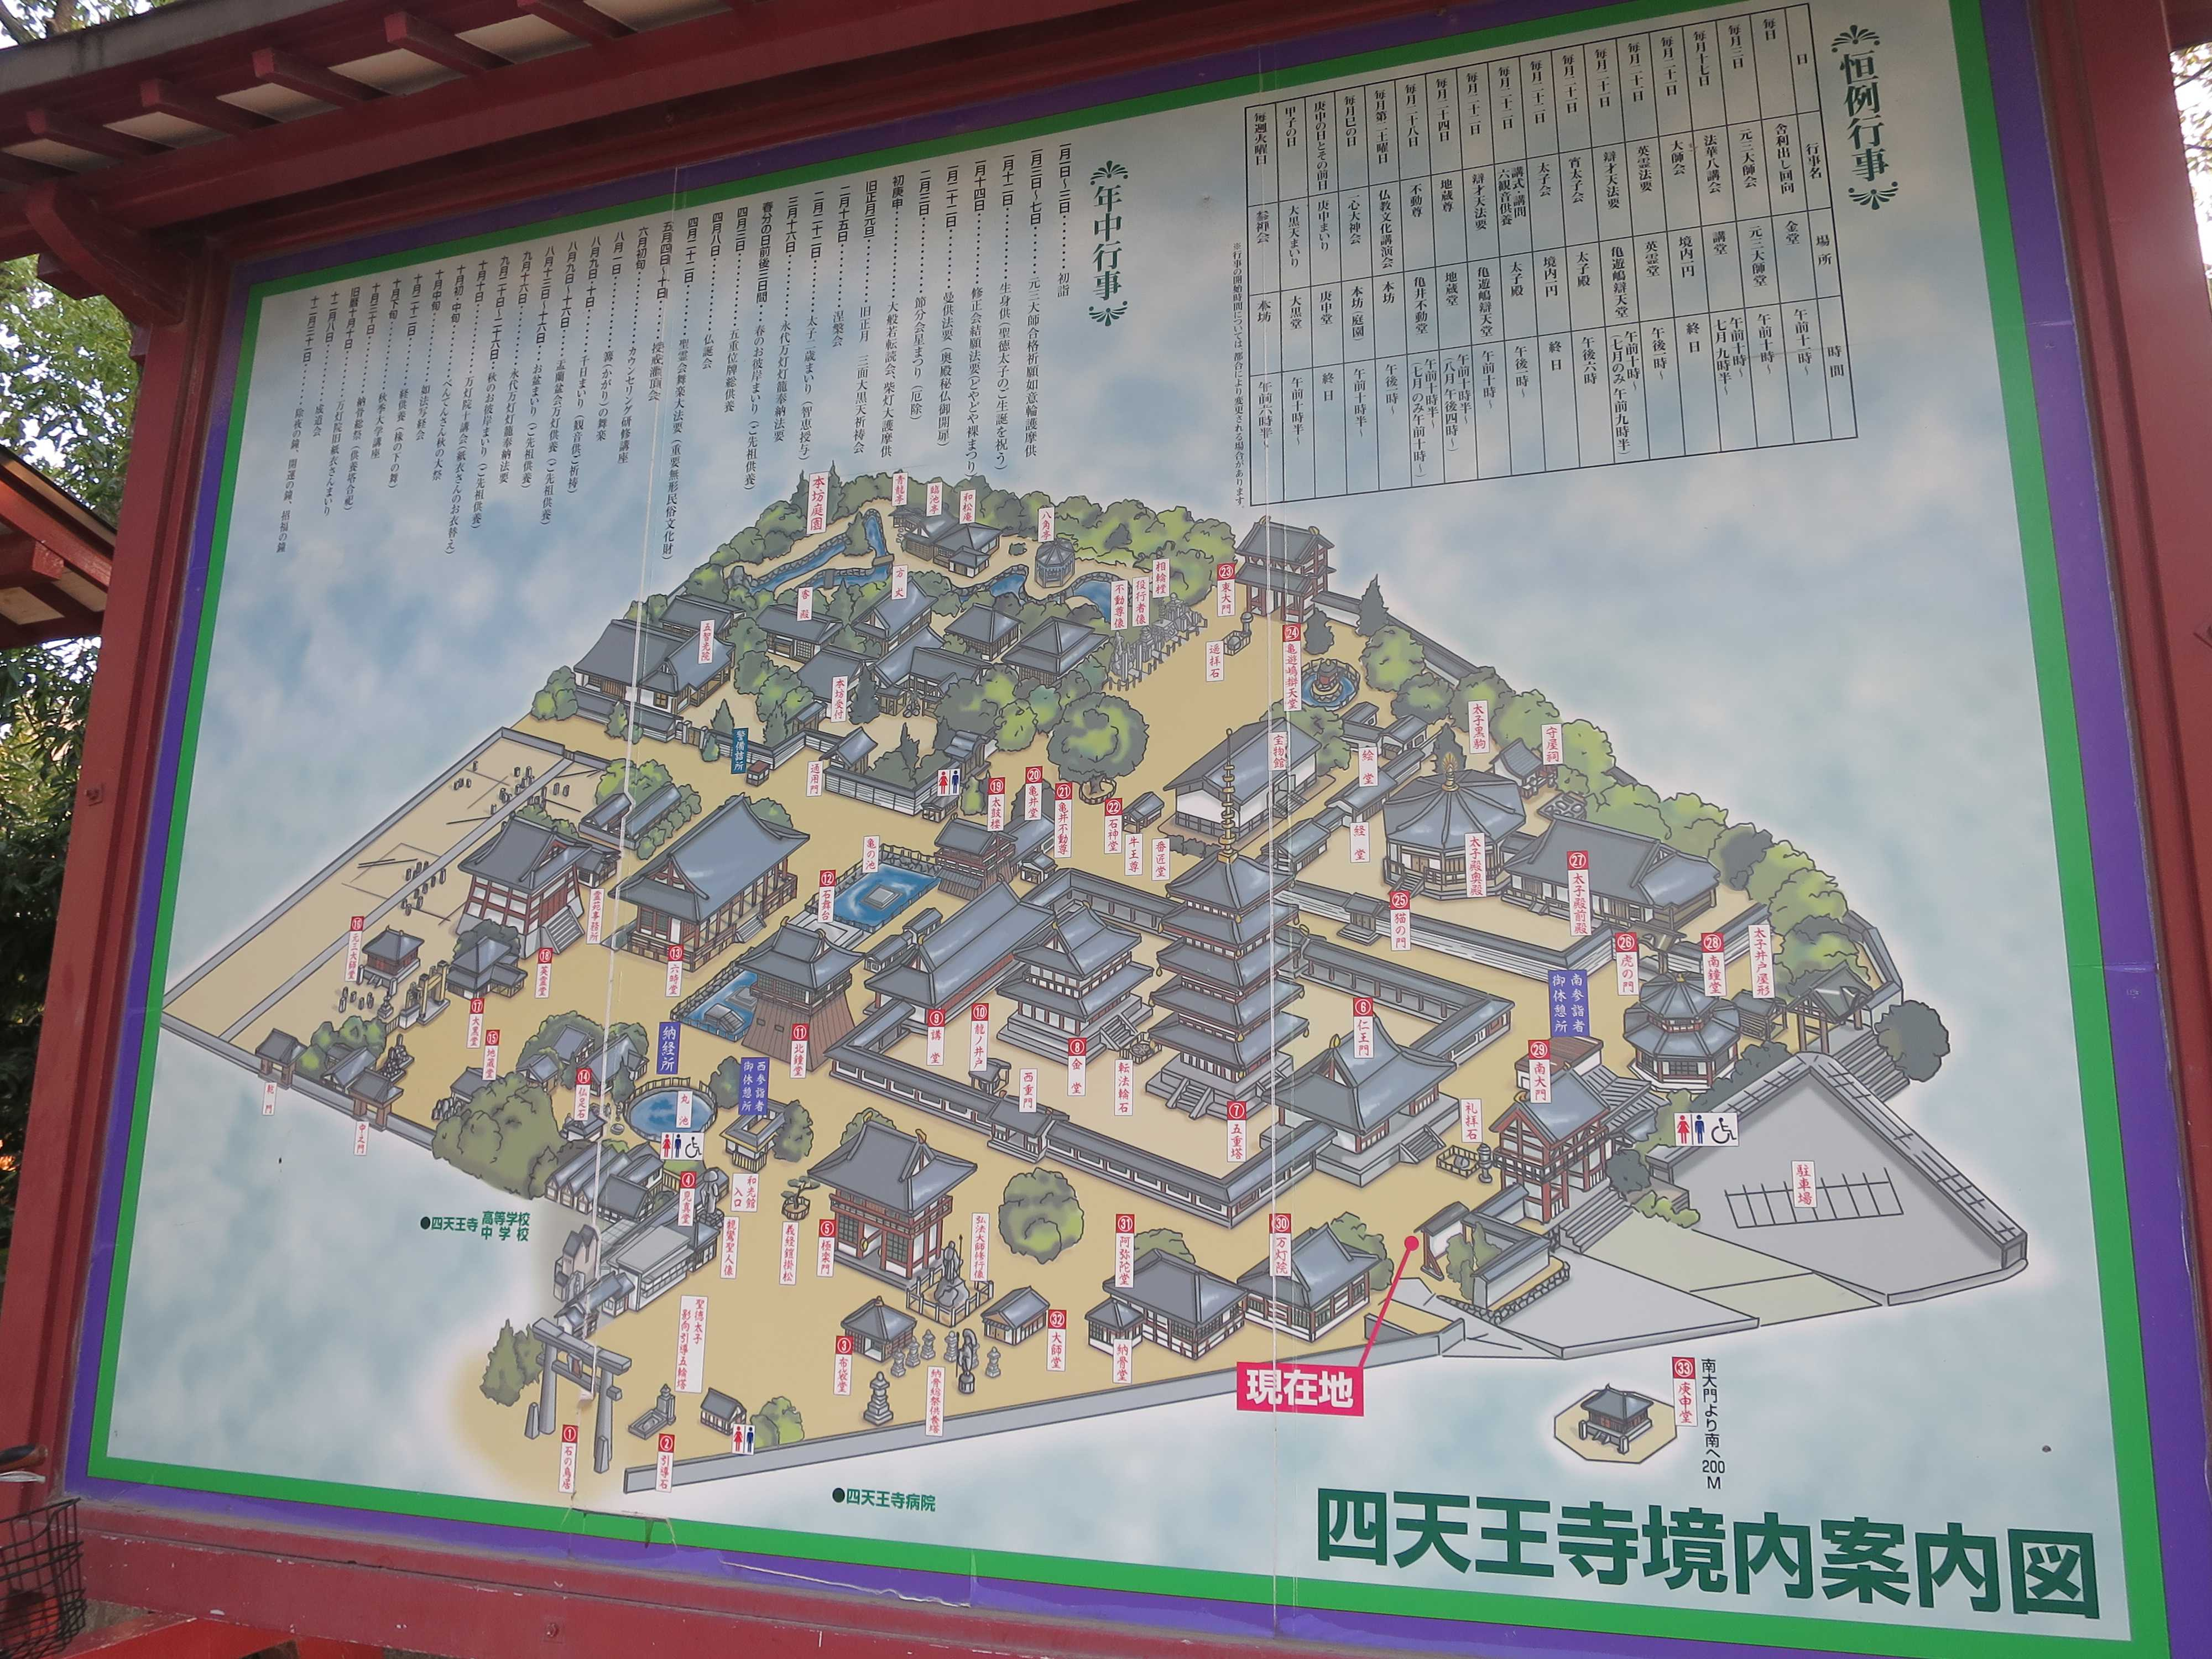 四天王寺境内案内図